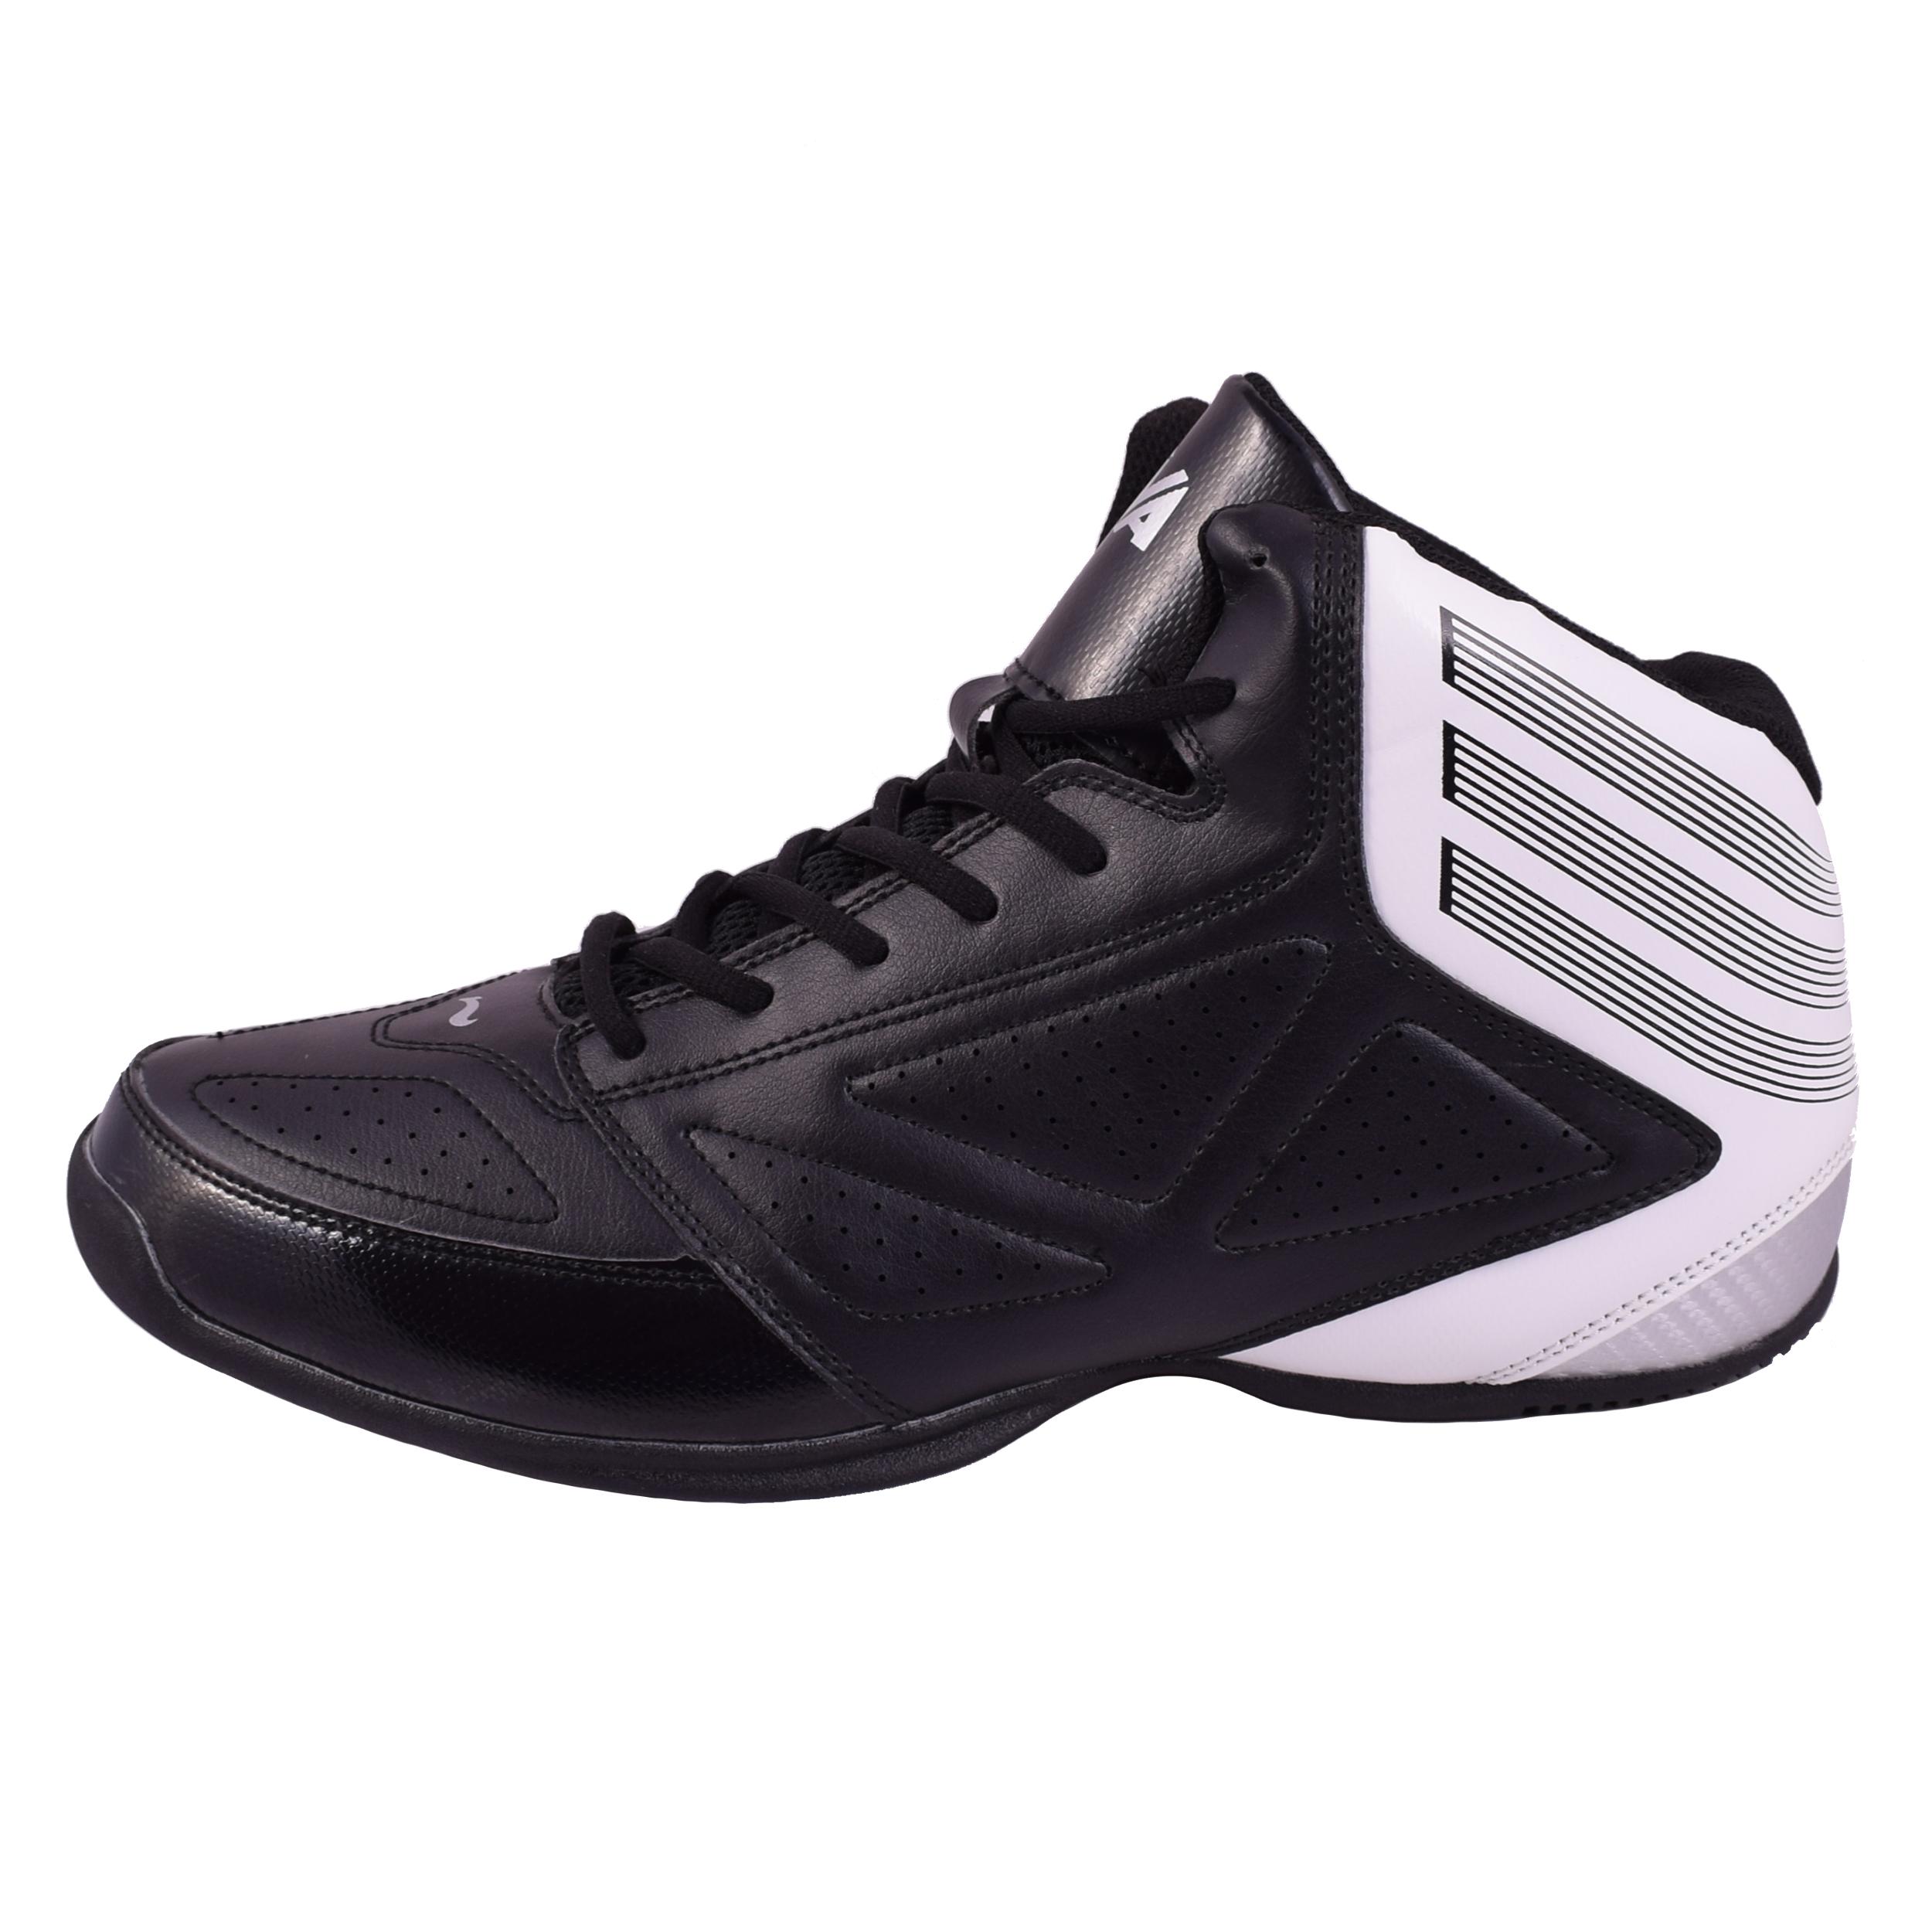 قیمت کفش مخصوص بسکتبال مردانه ویوا کد M3616 رنگ مشکی